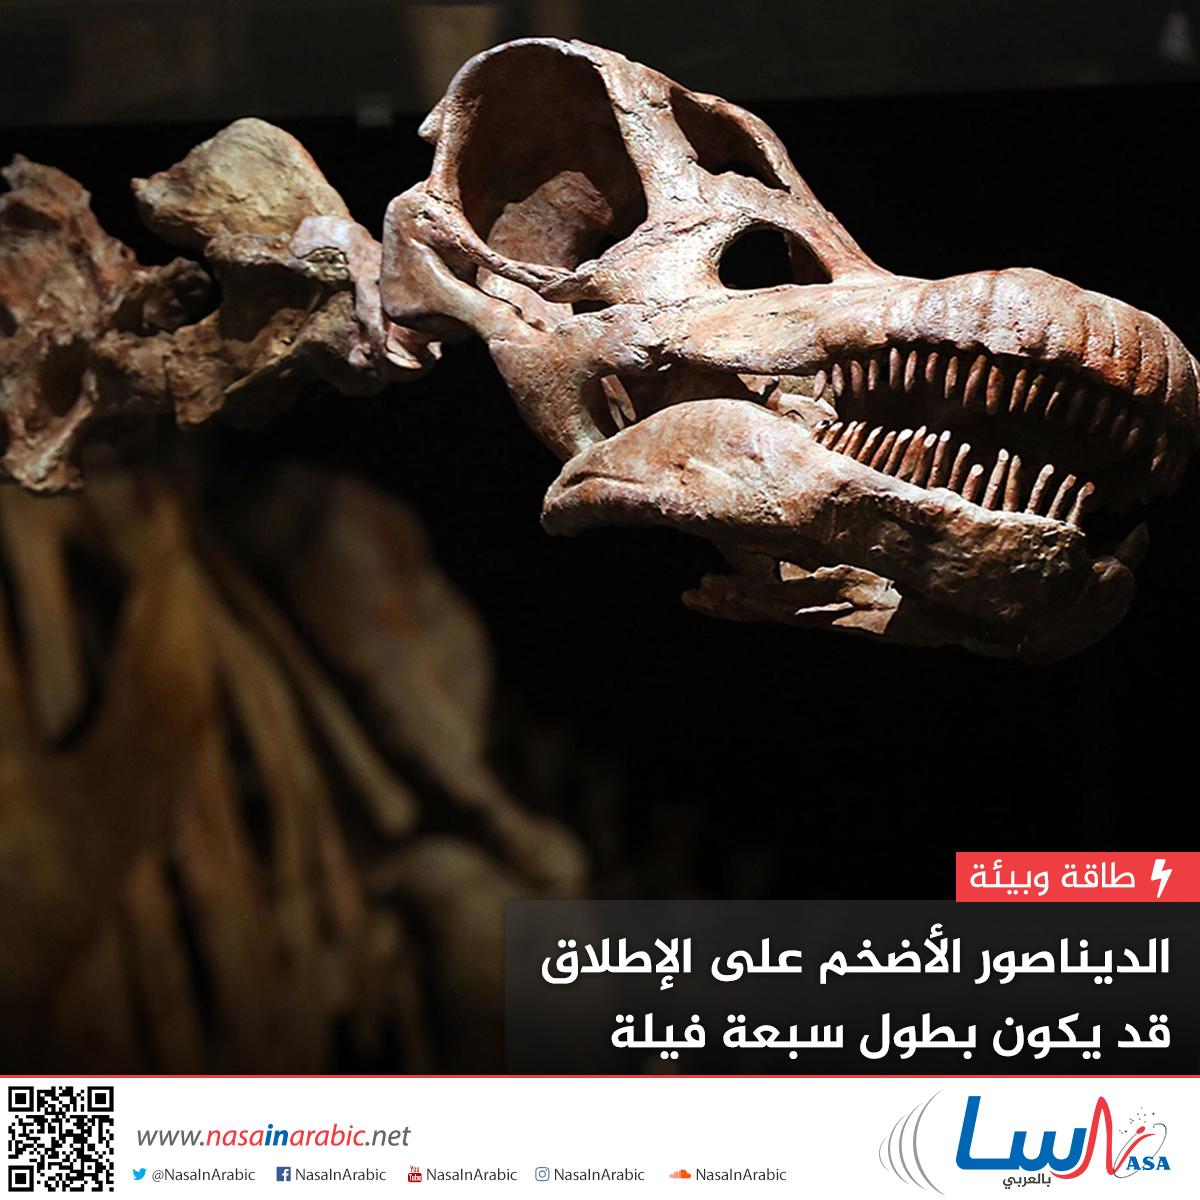 الديناصور الأضخم على الإطلاق قد يكون بطول 7 فيلة